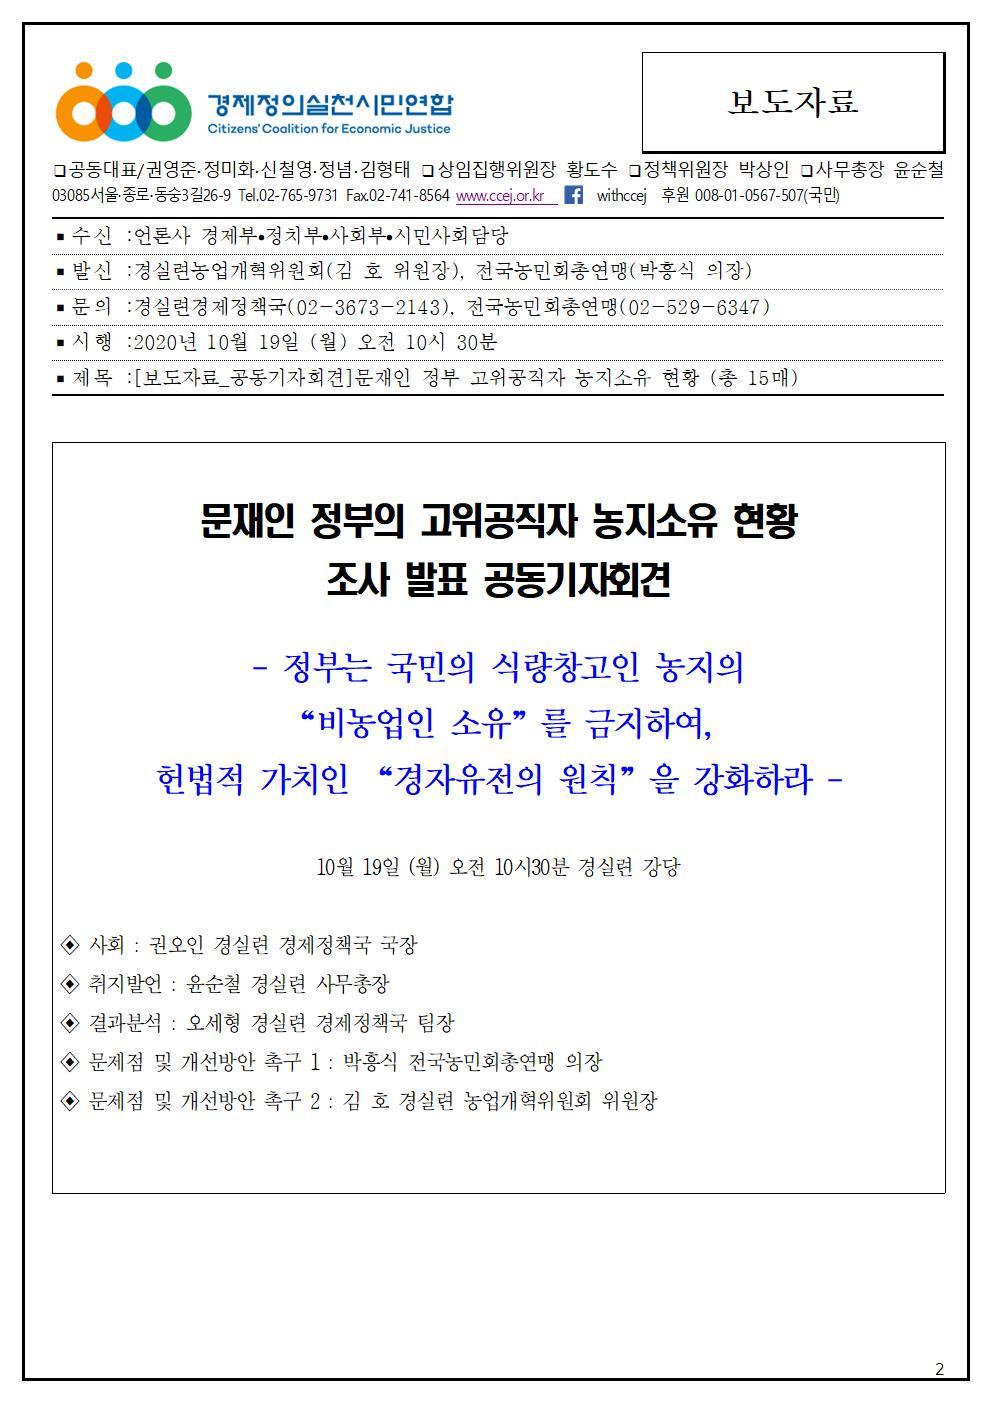 201019 정부고위공직자농지 소유현황 보도자료1.jpg